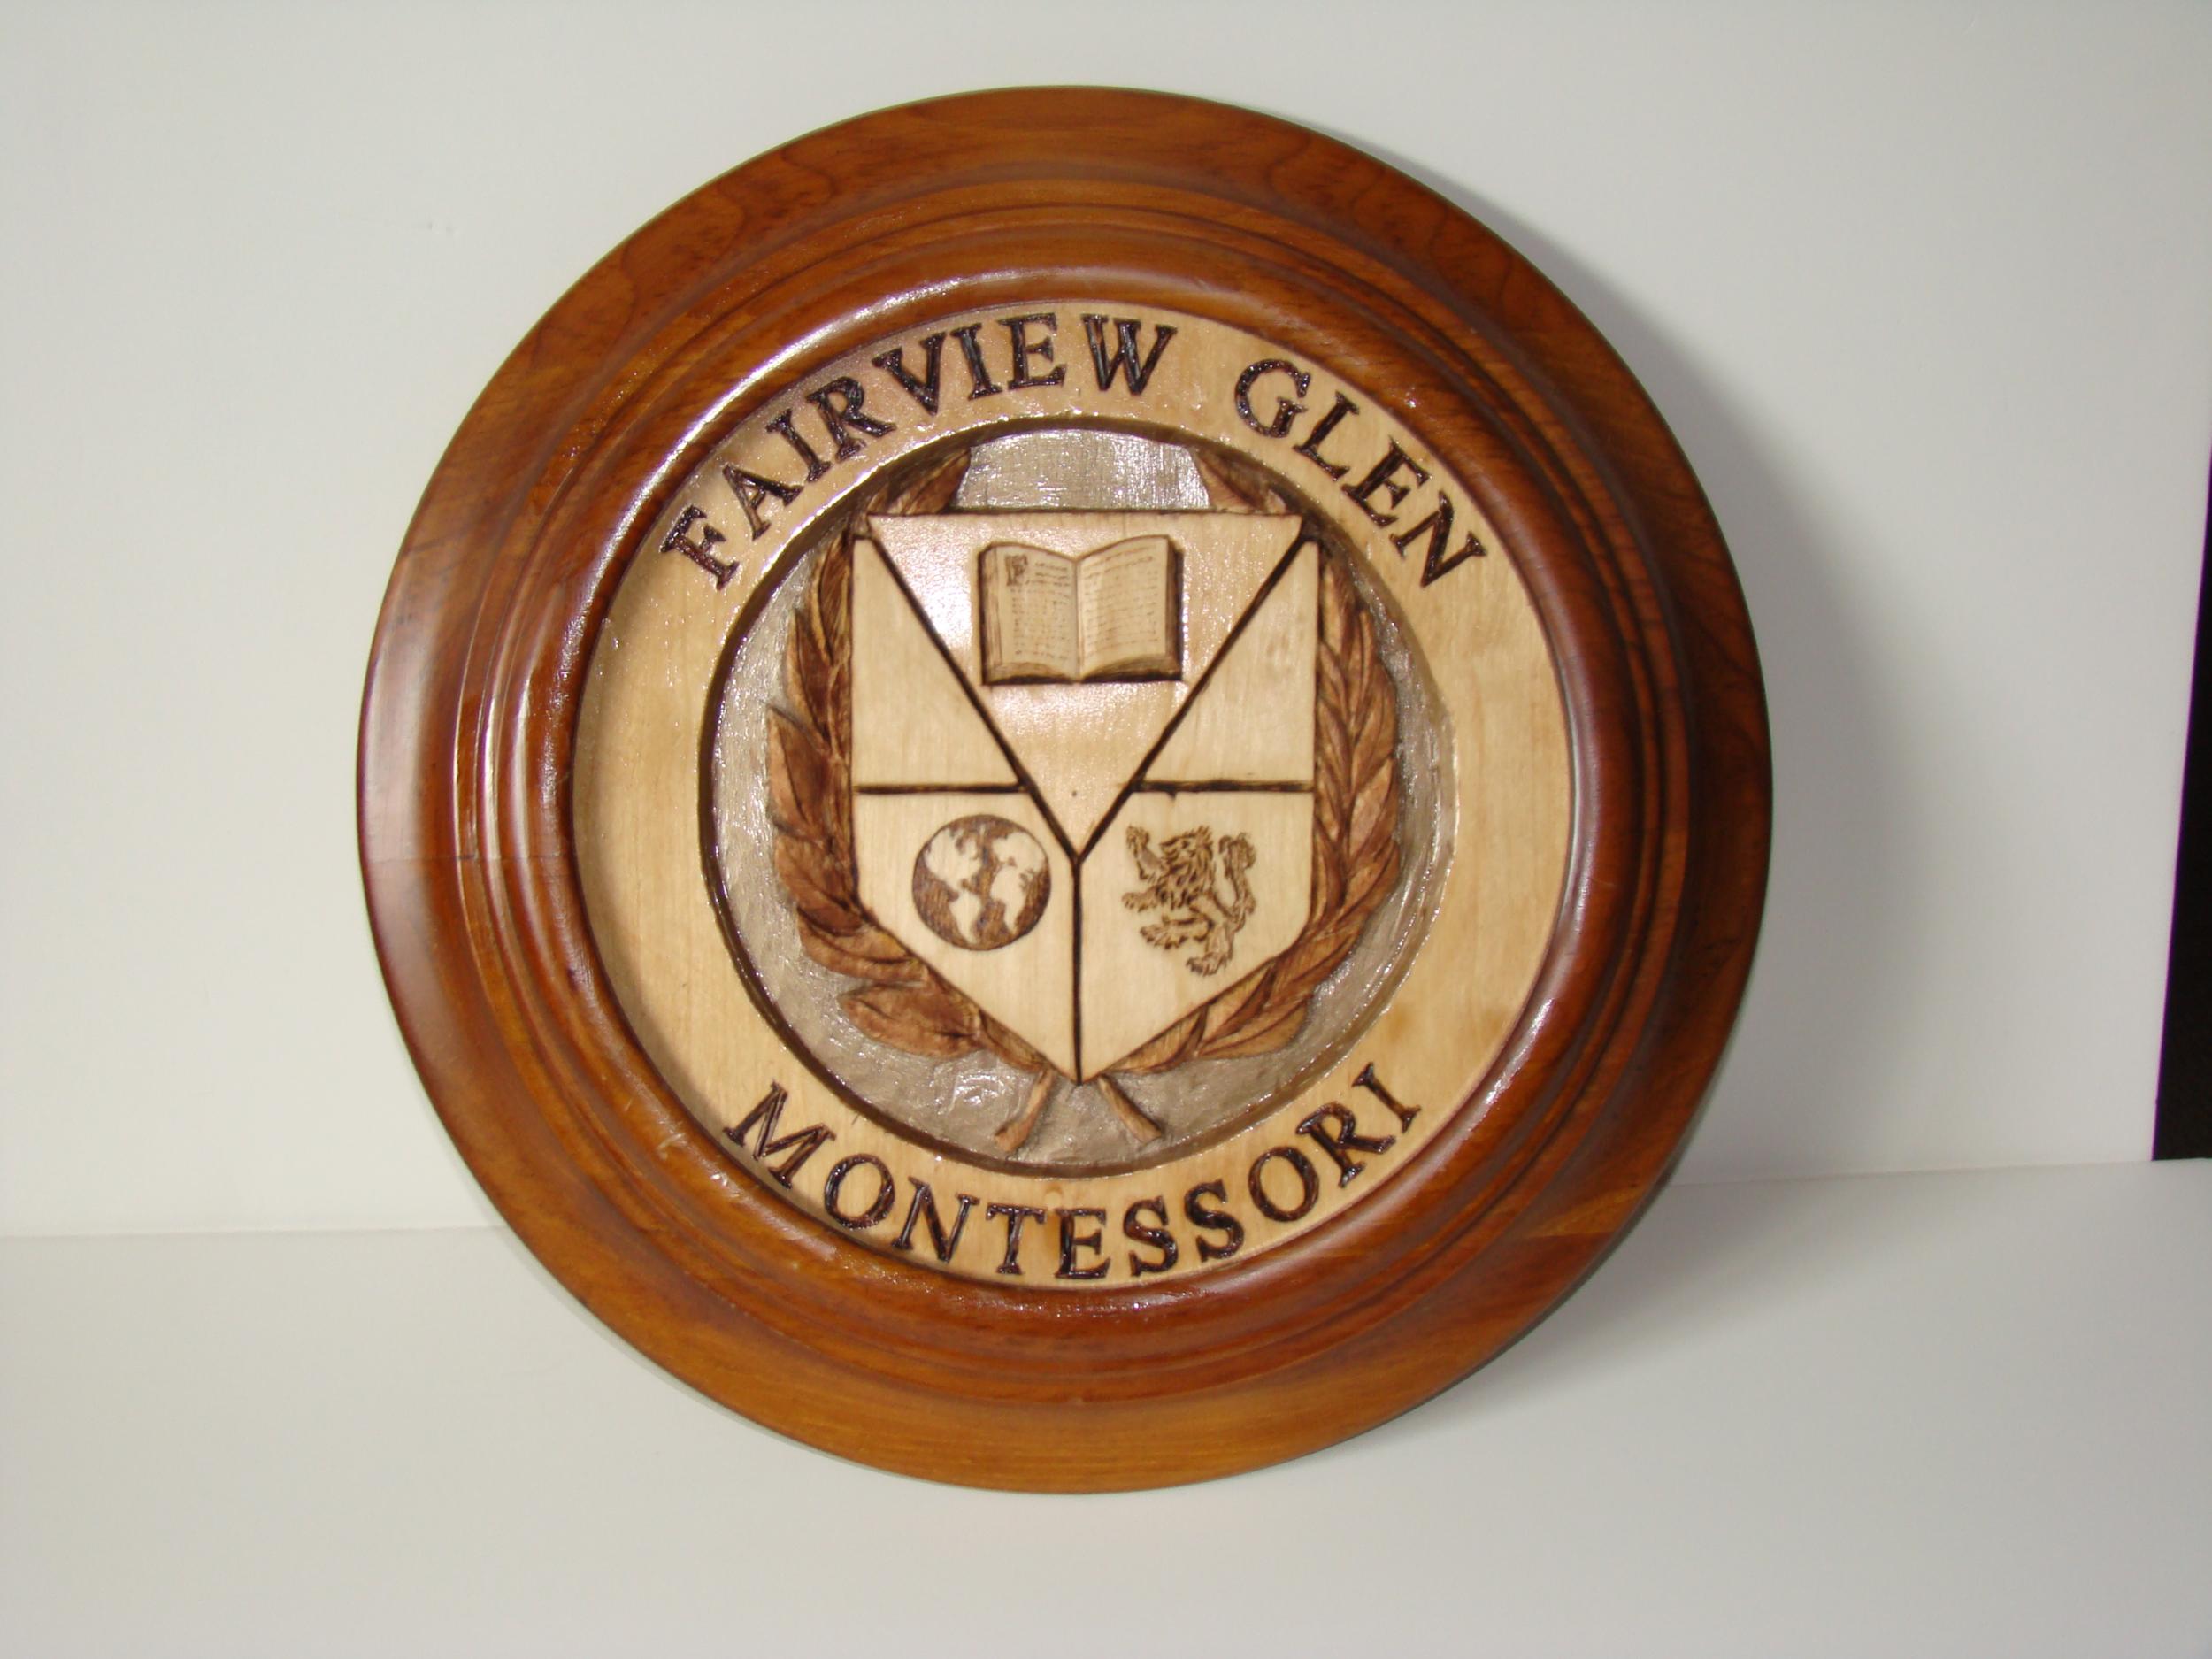 Fairview Glen Montessori Crest by Ken Maitland